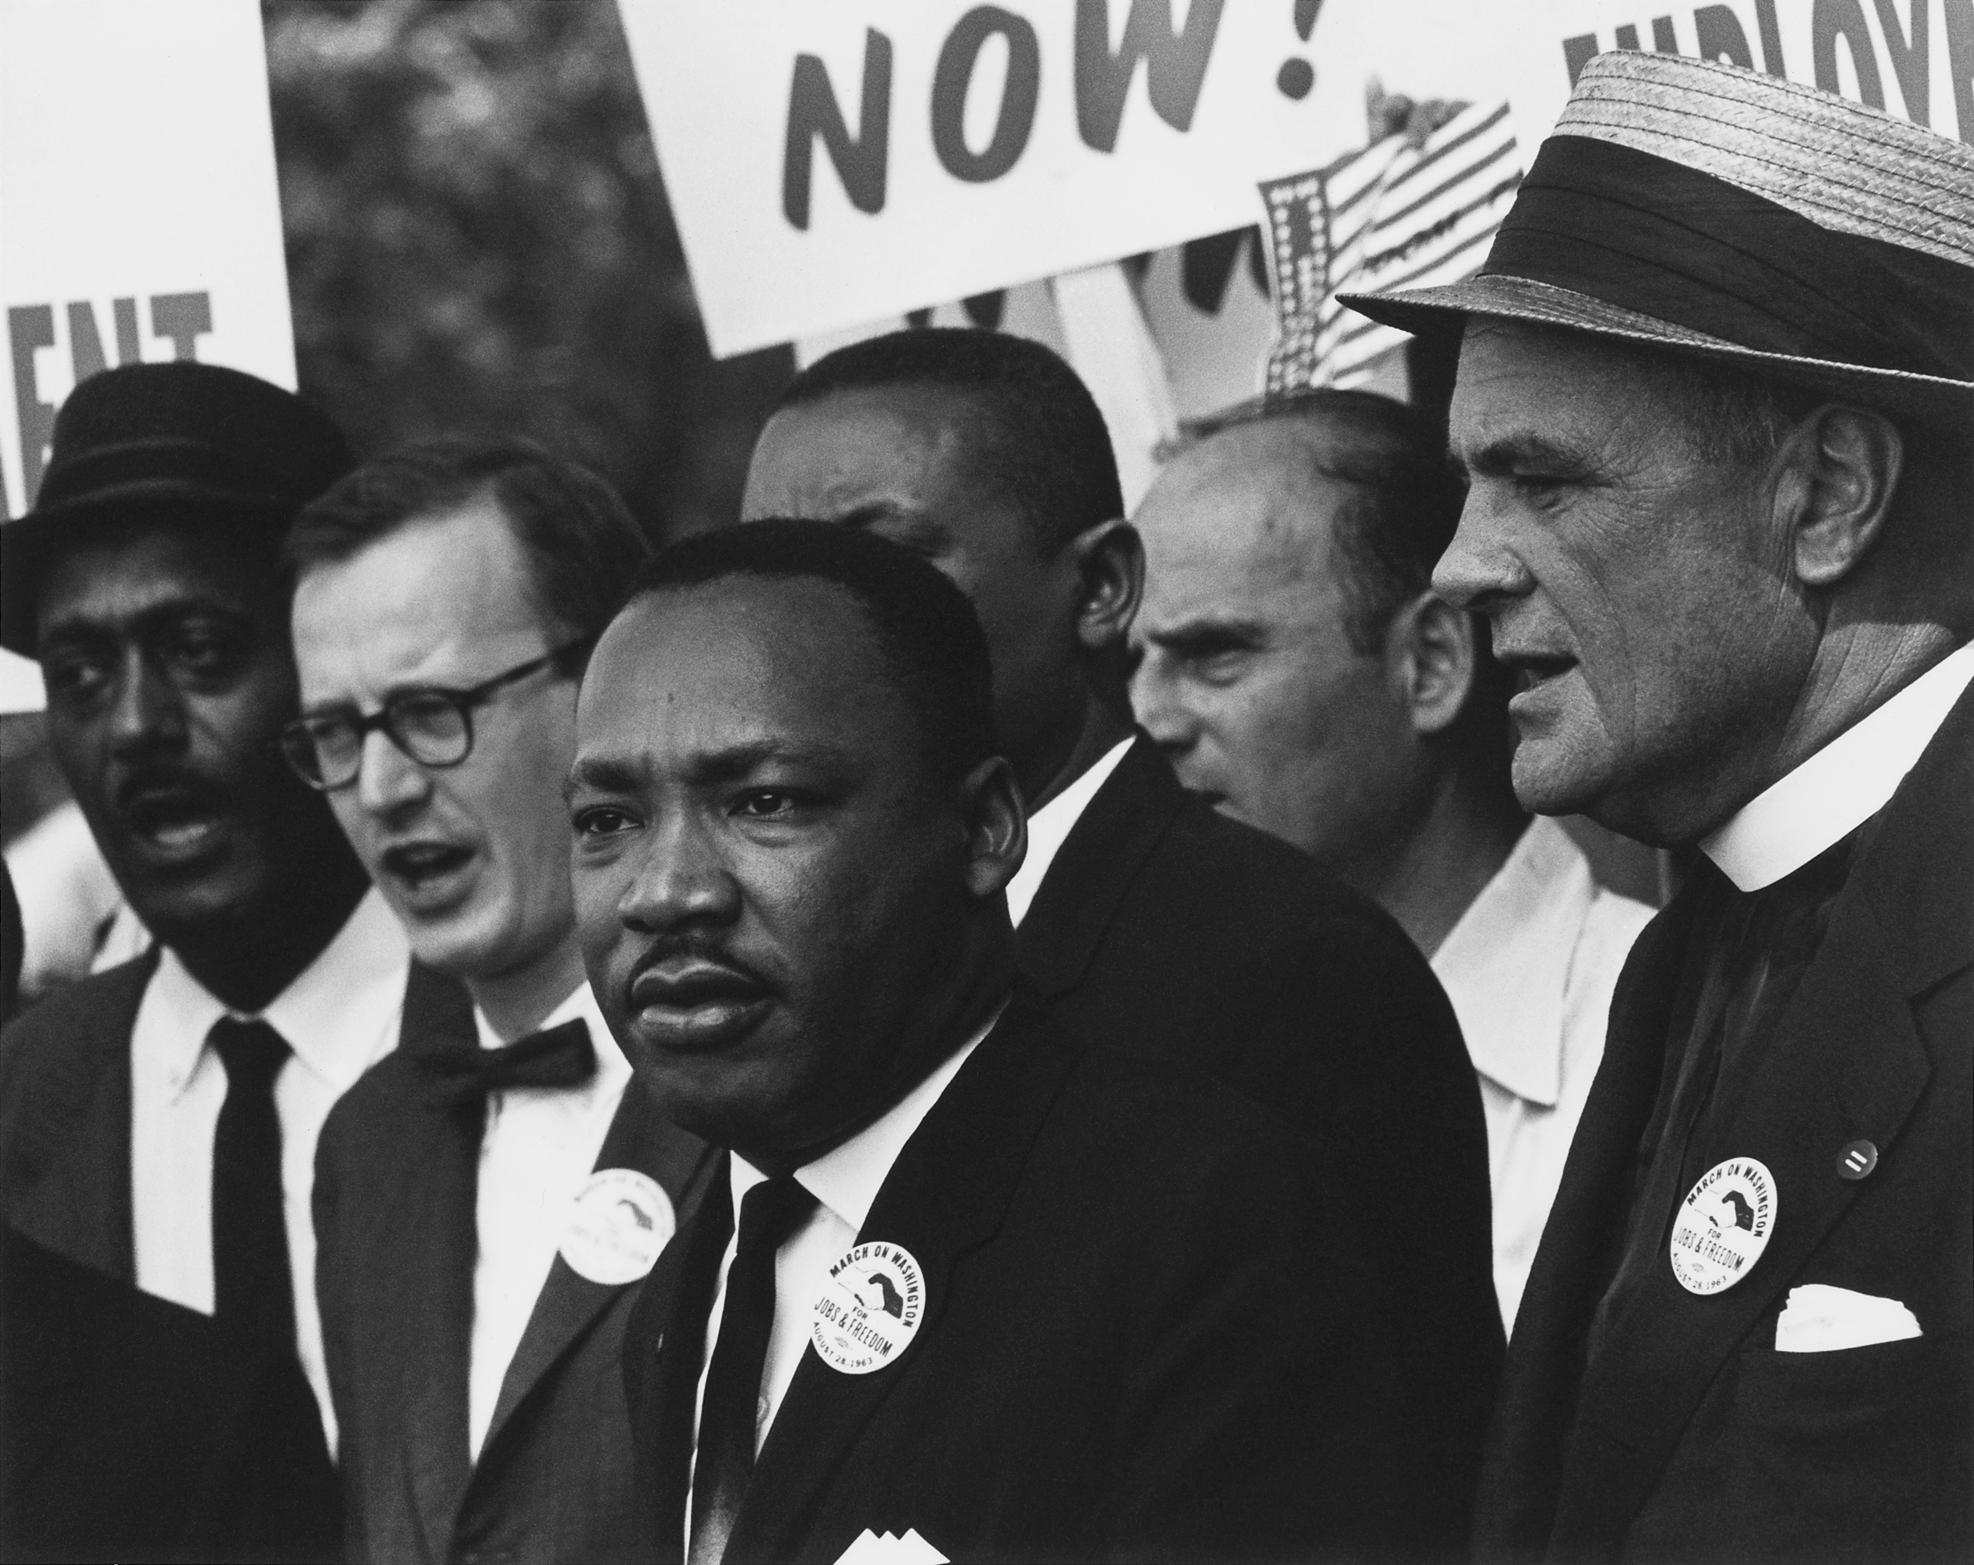 Martin Luther King JR zum Gedenken an den 50. Jahrestag seiner Ermordung